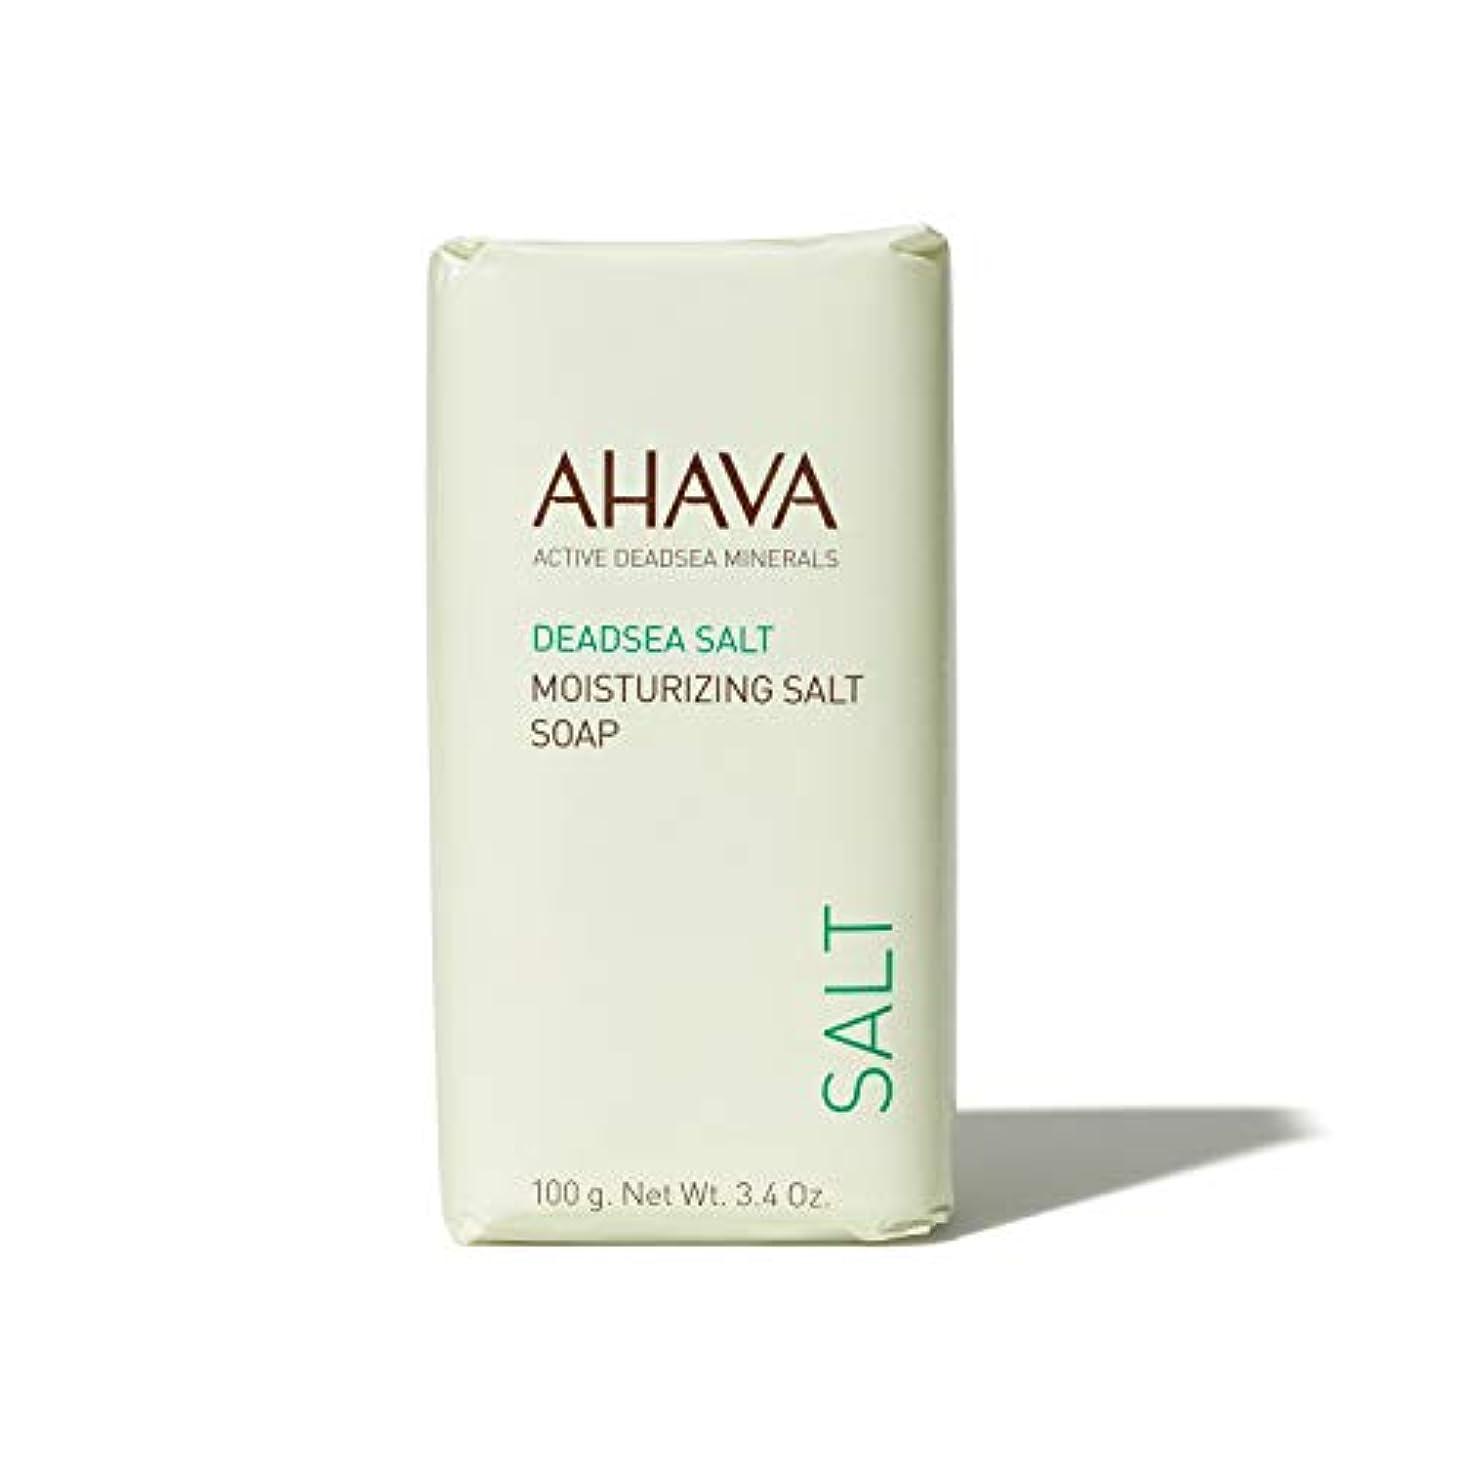 強大な荒れ地言及するAhava Deadsea Salt Moisturizing Salt Soap (並行輸入品) [並行輸入品]